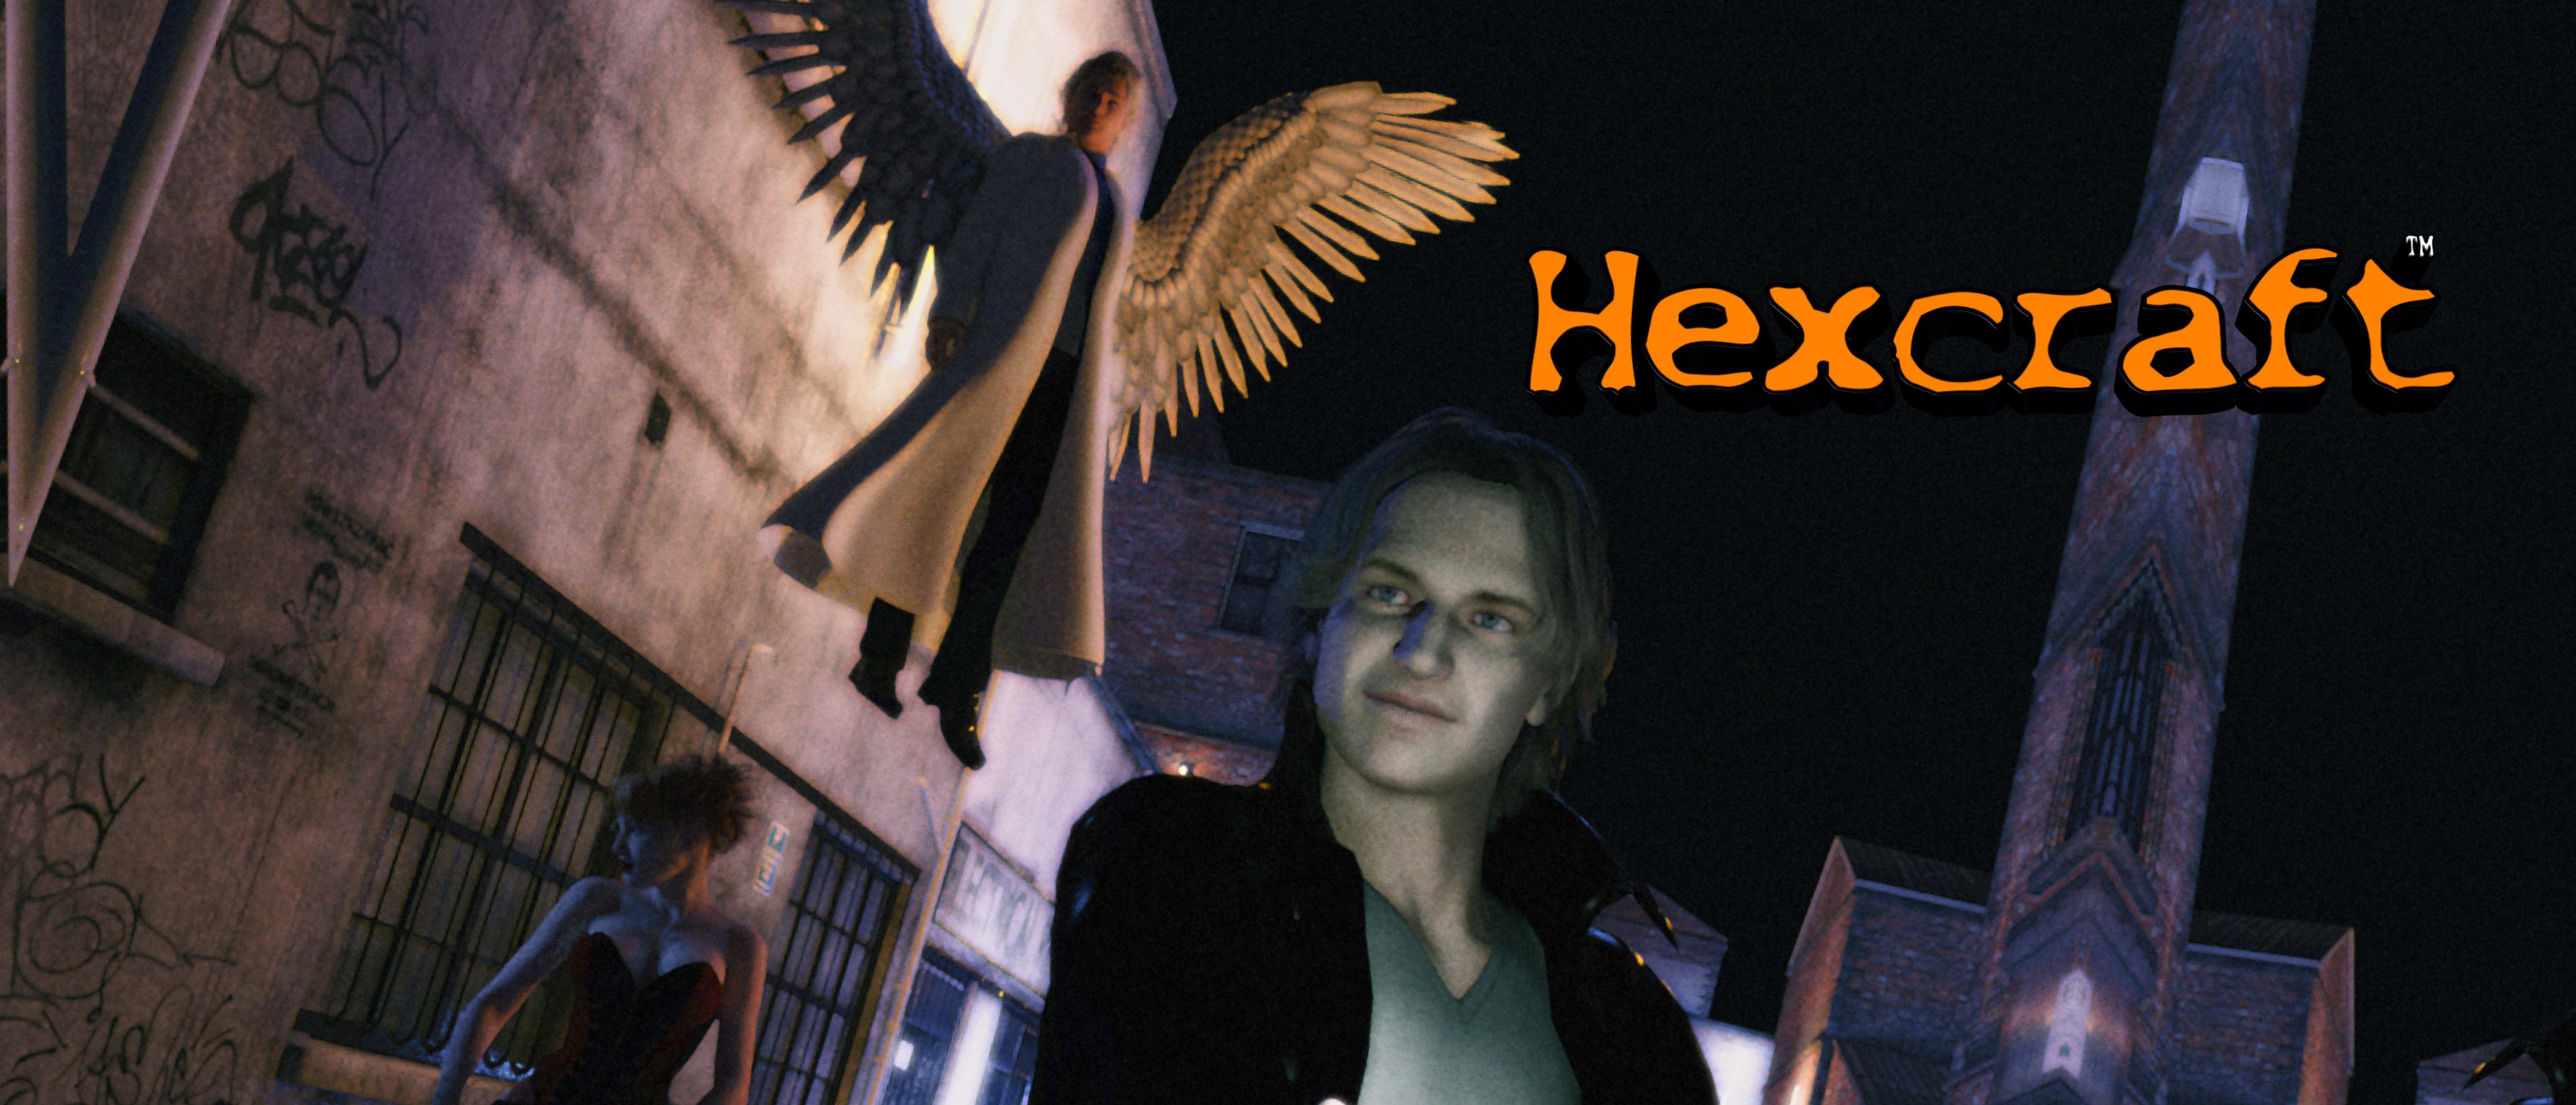 hexcraft banner